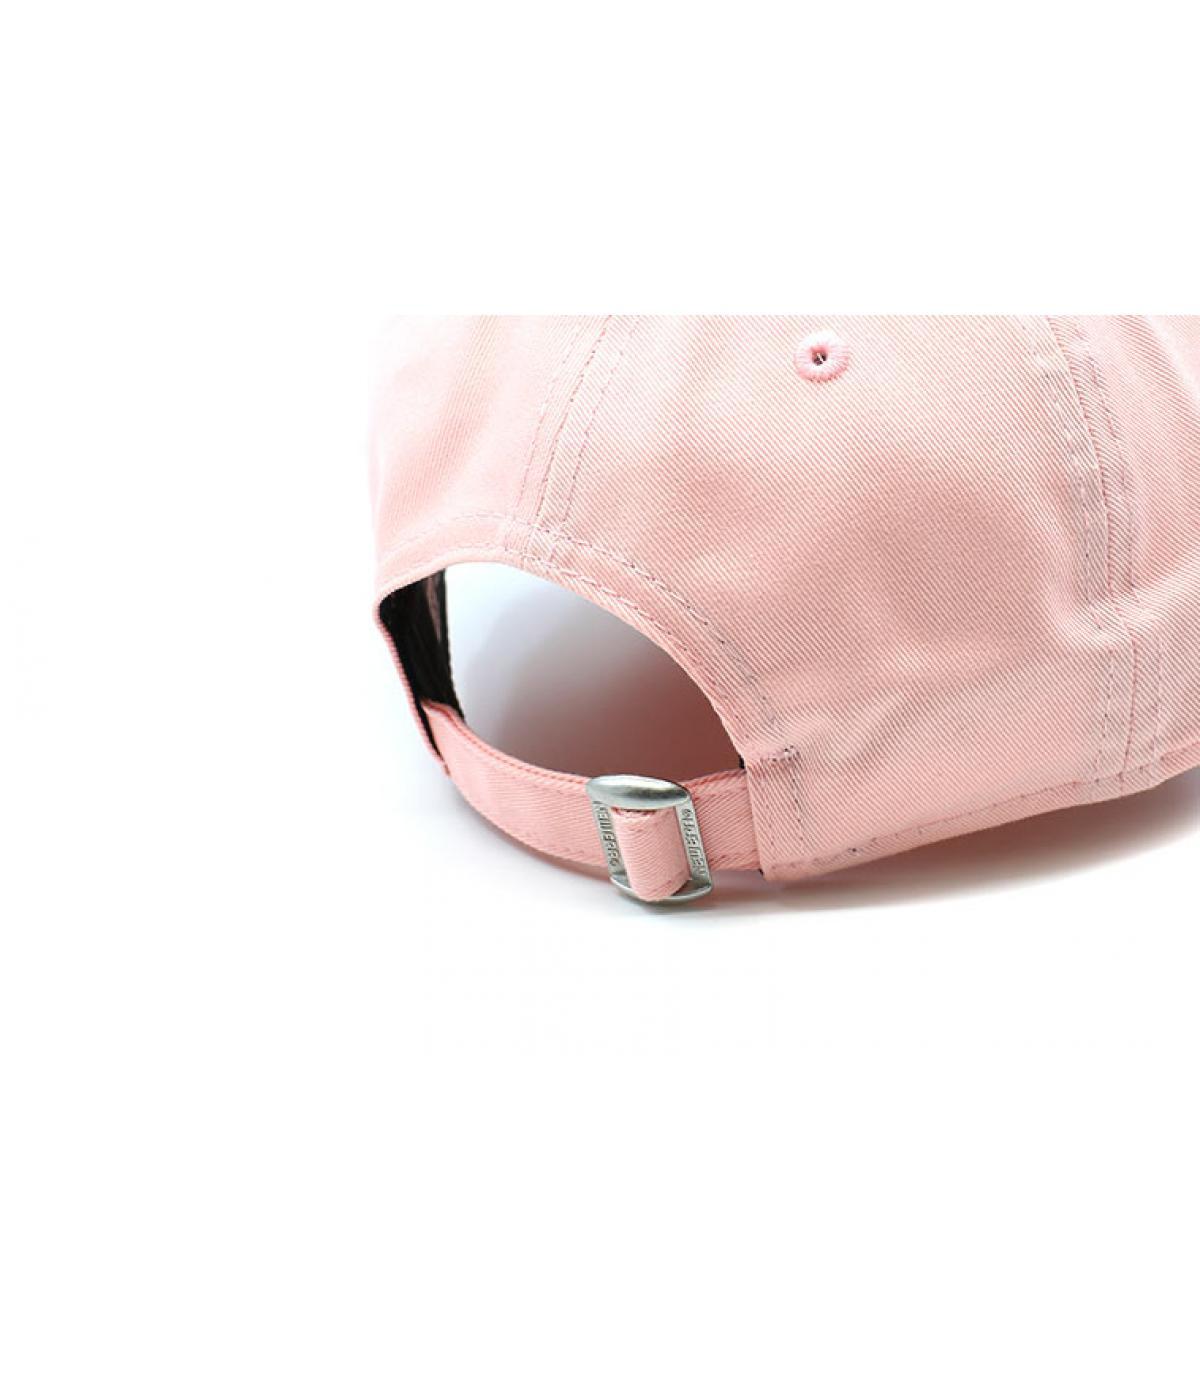 Details Casquette Wmns Heart LA 940 pink - afbeeling 5